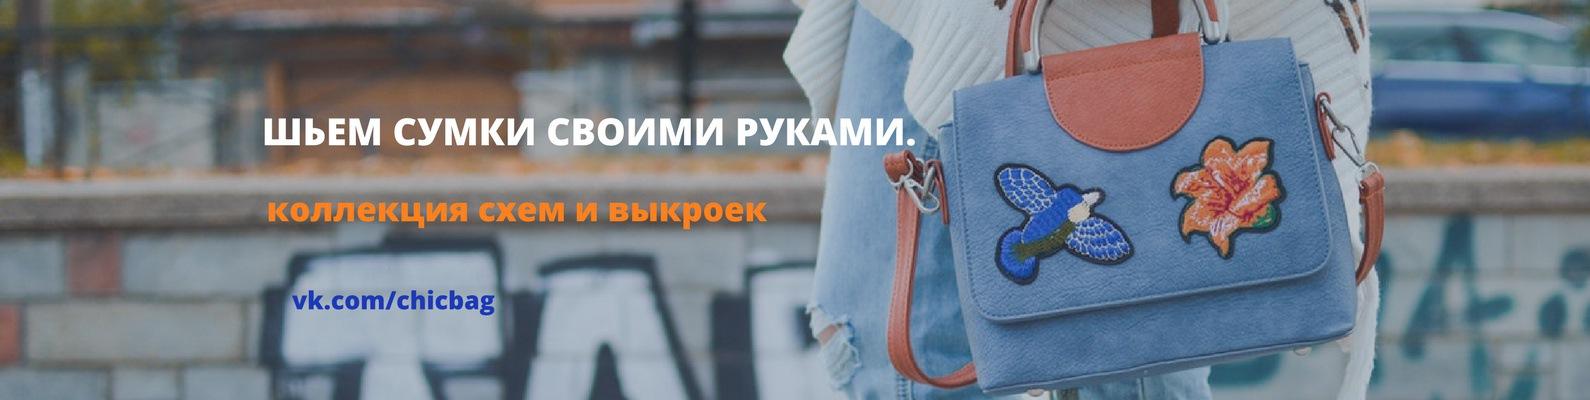 0c00a0591e56 Шьем сумки своими руками. Схемы. Выкройки. | ВКонтакте